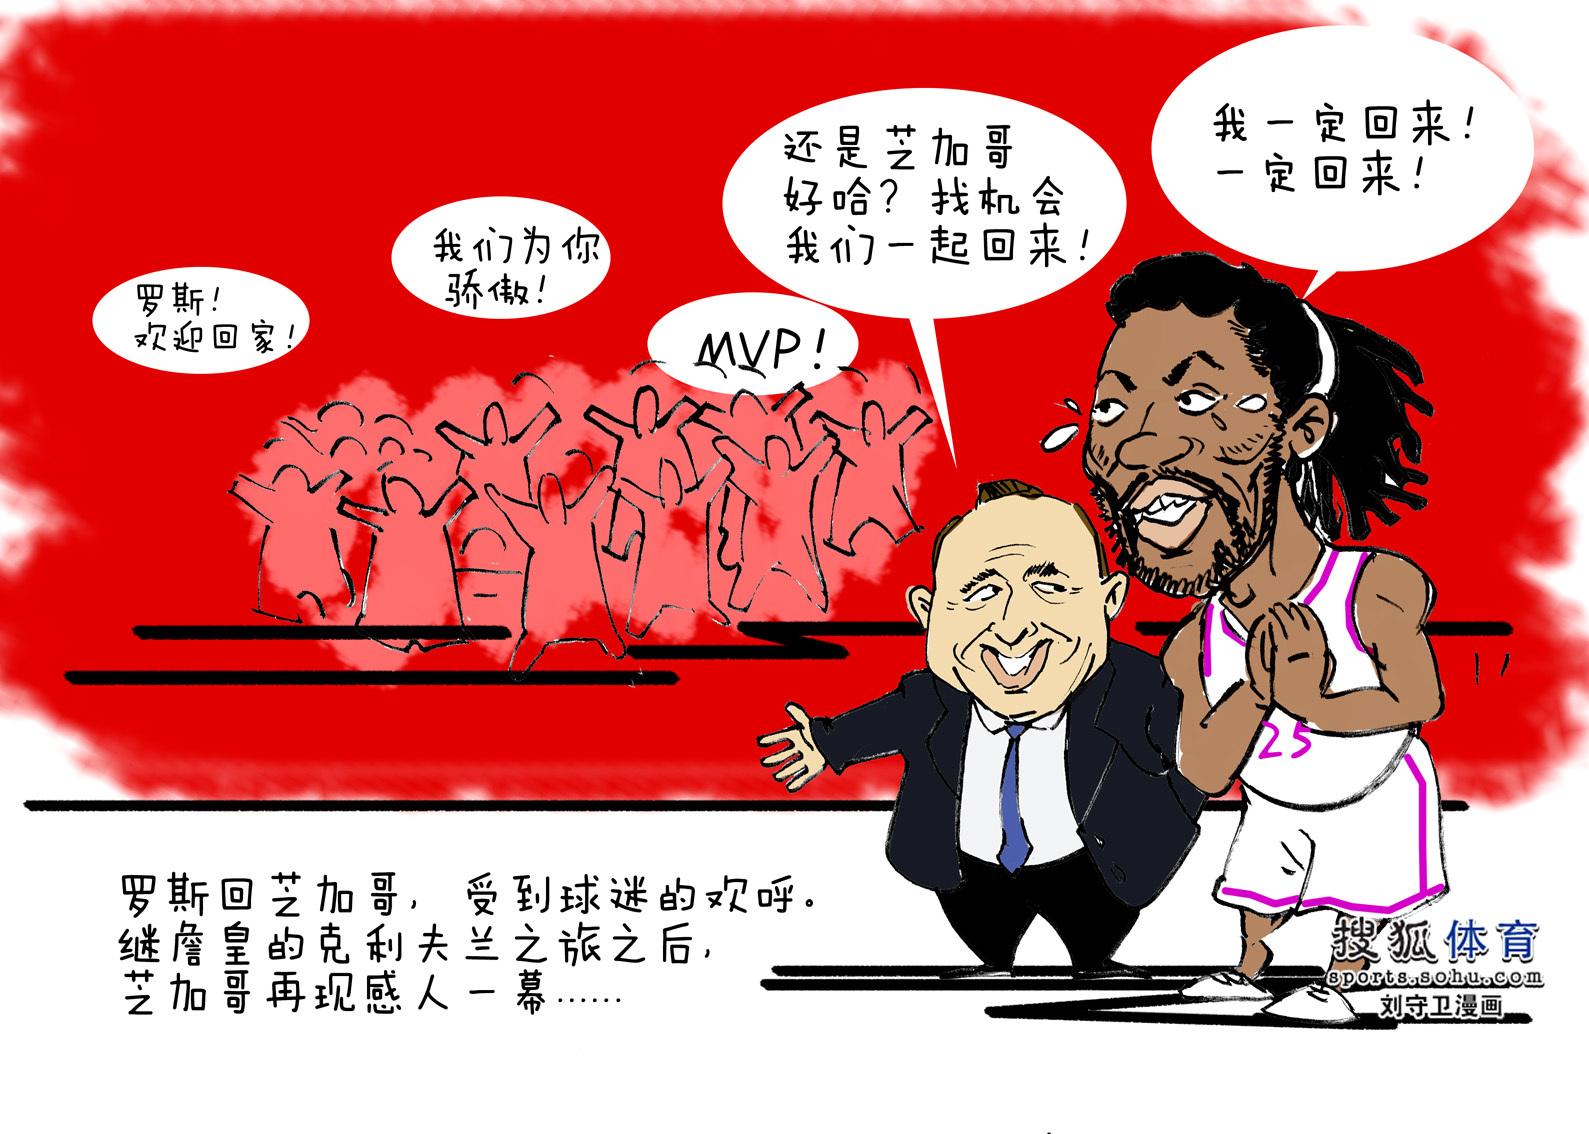 [狐]NBA漫画:罗斯回芝加哥感受温情时刻 享MVP呼声